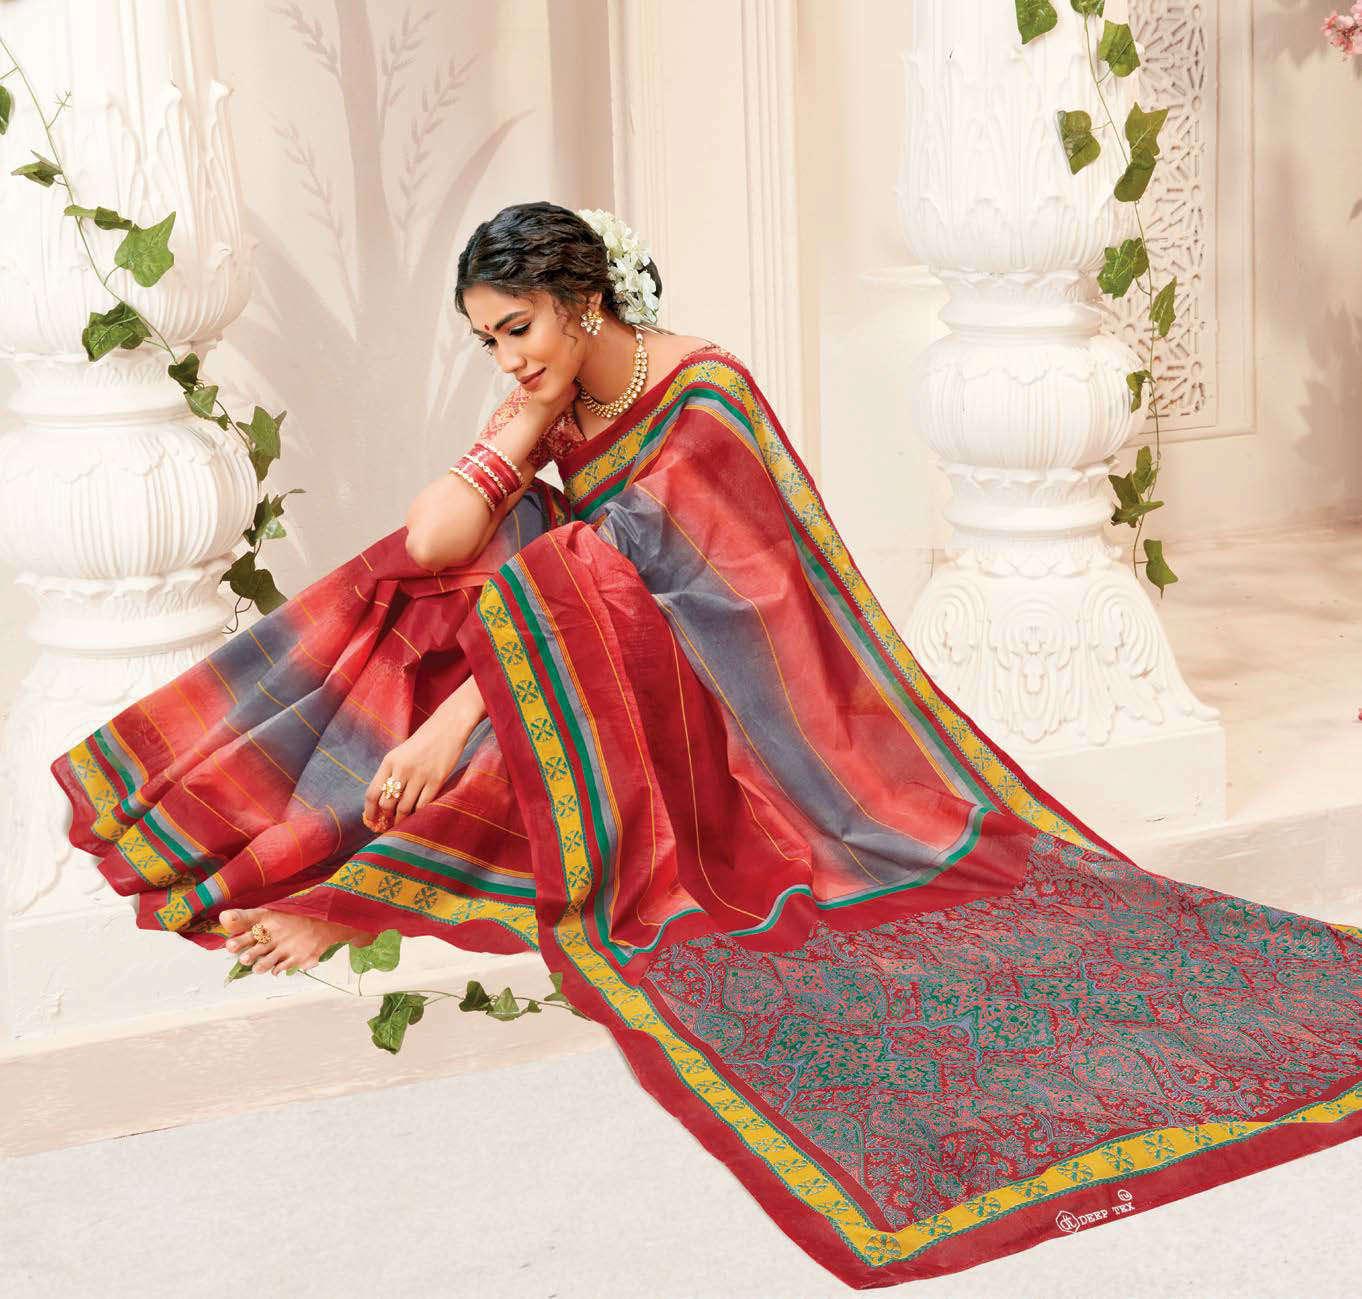 Deeptex Mother India Vol 38 B Saree Sari Wholesale Catalog 18 Pcs 2 - Deeptex Mother India Vol 38 B Saree Sari Wholesale Catalog 18 Pcs